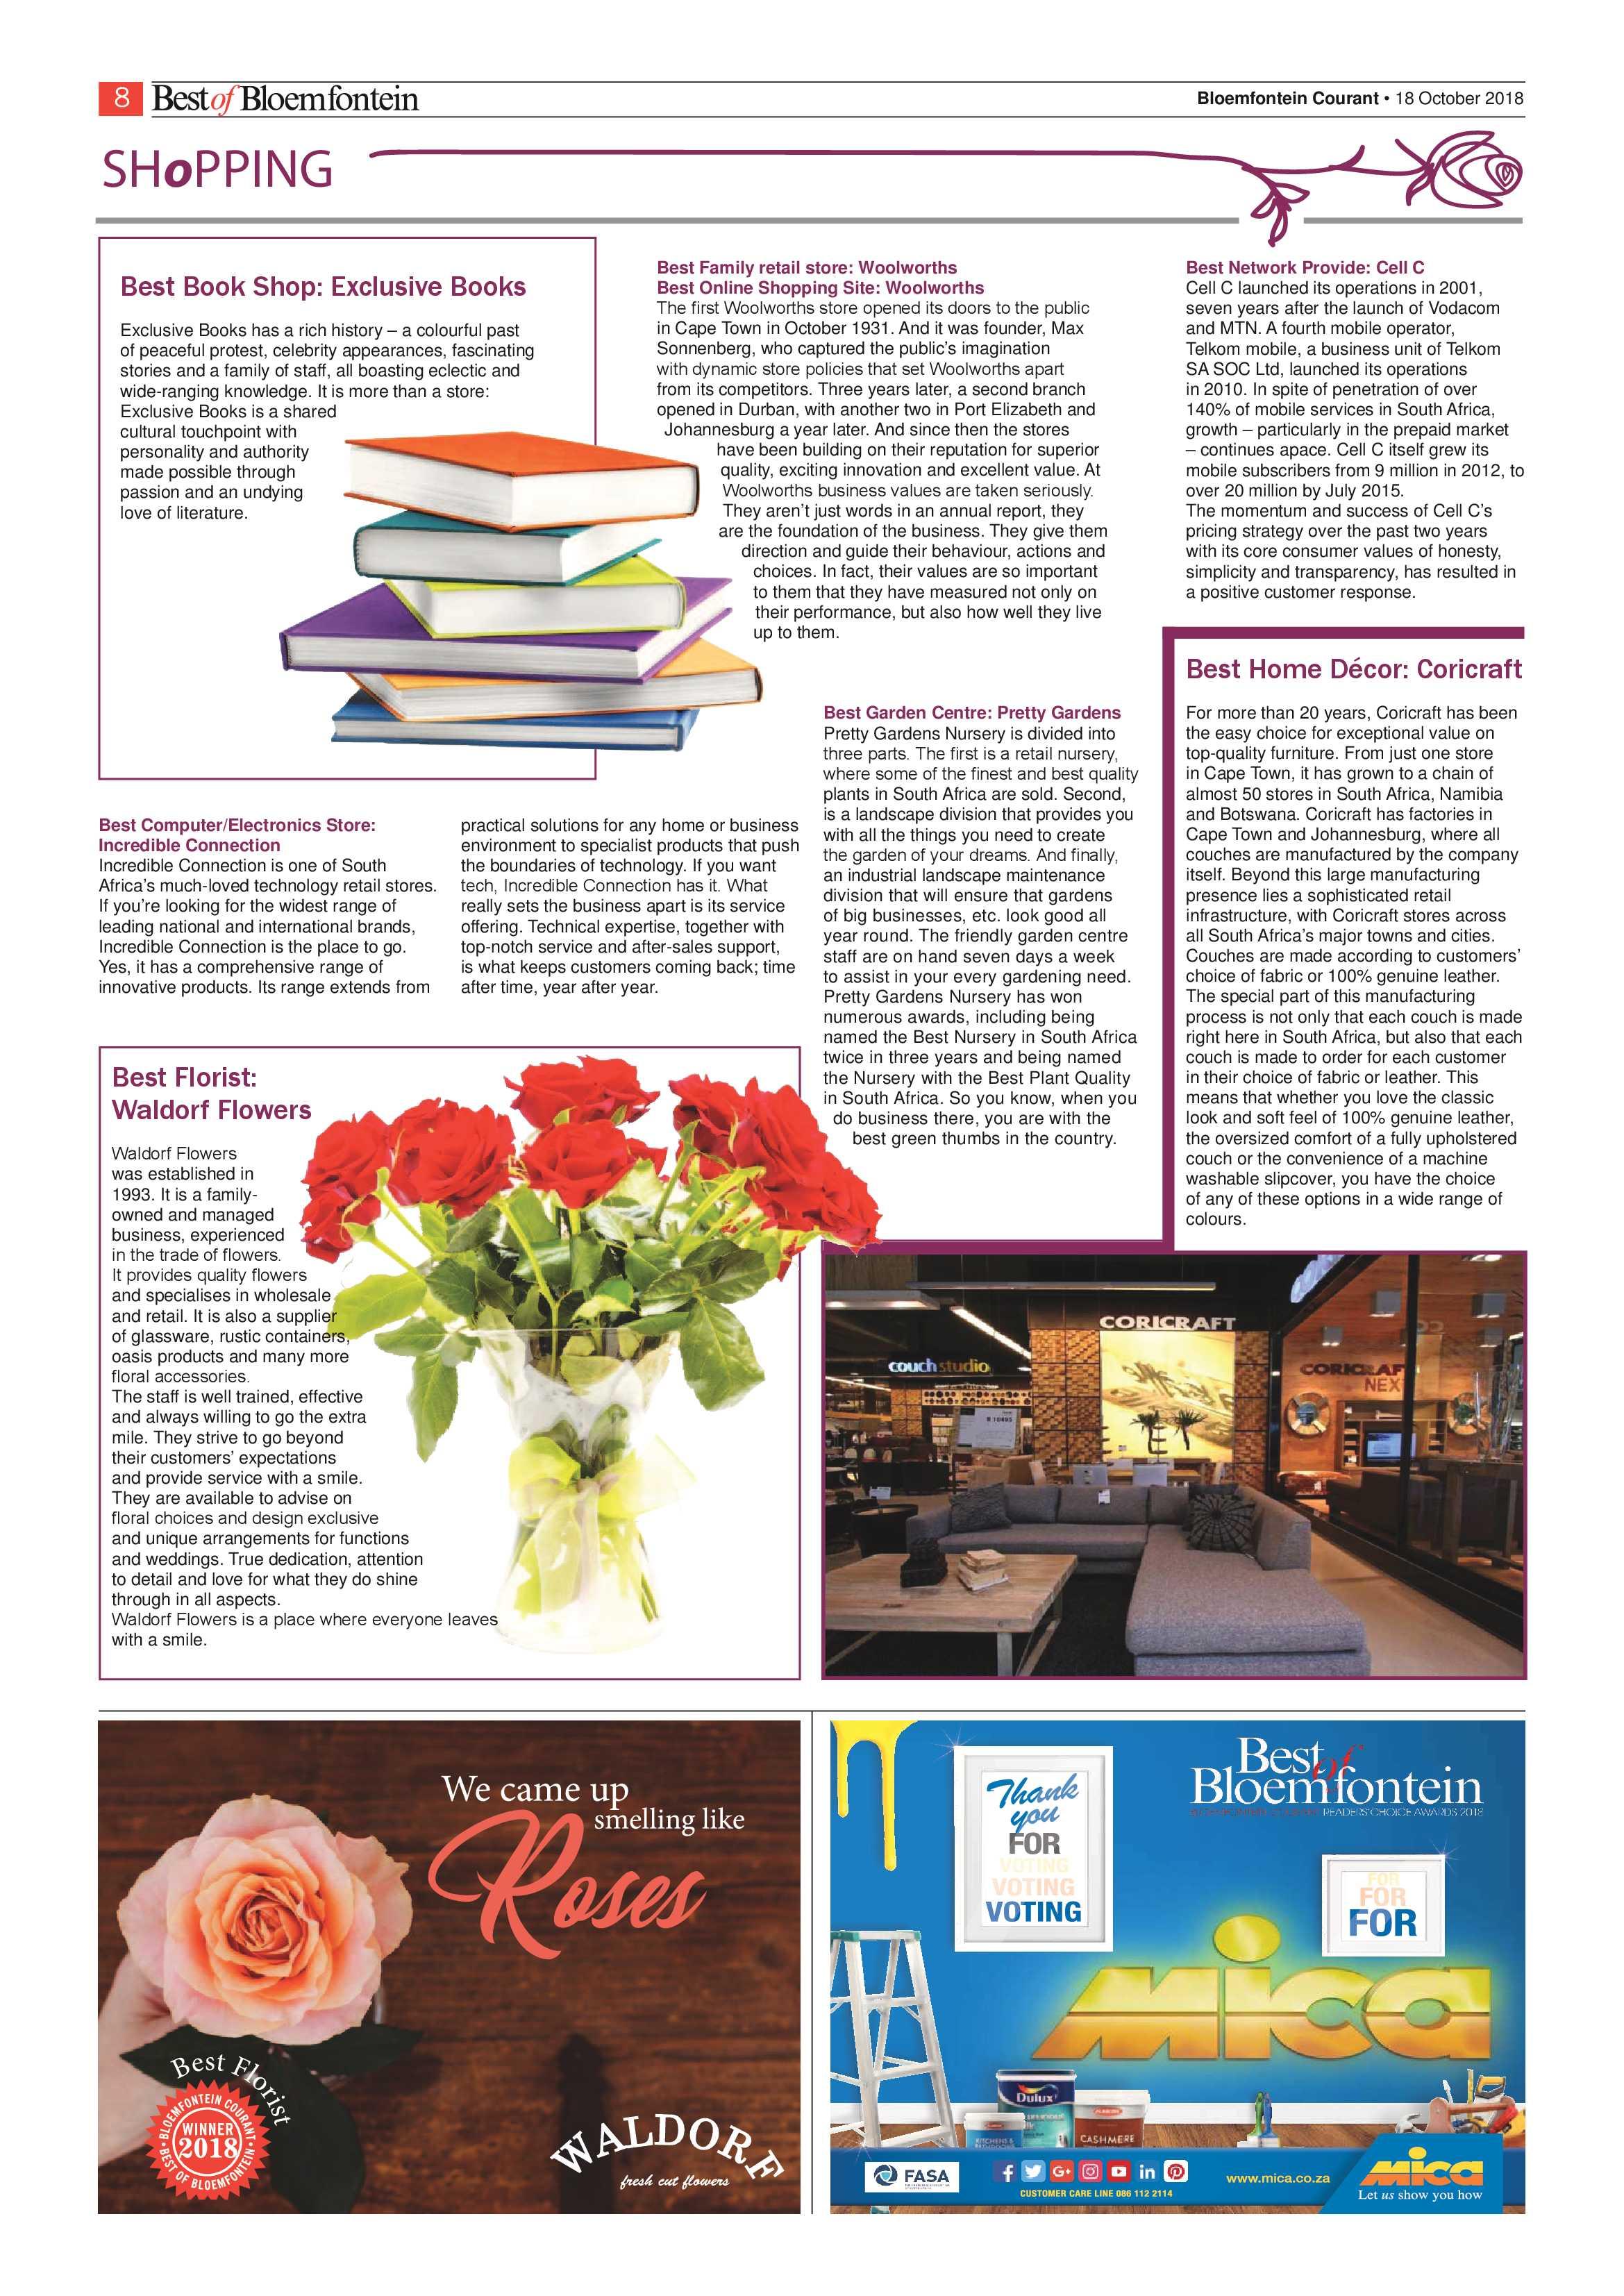 best-of-bloemfontein-2018-epapers-page-8